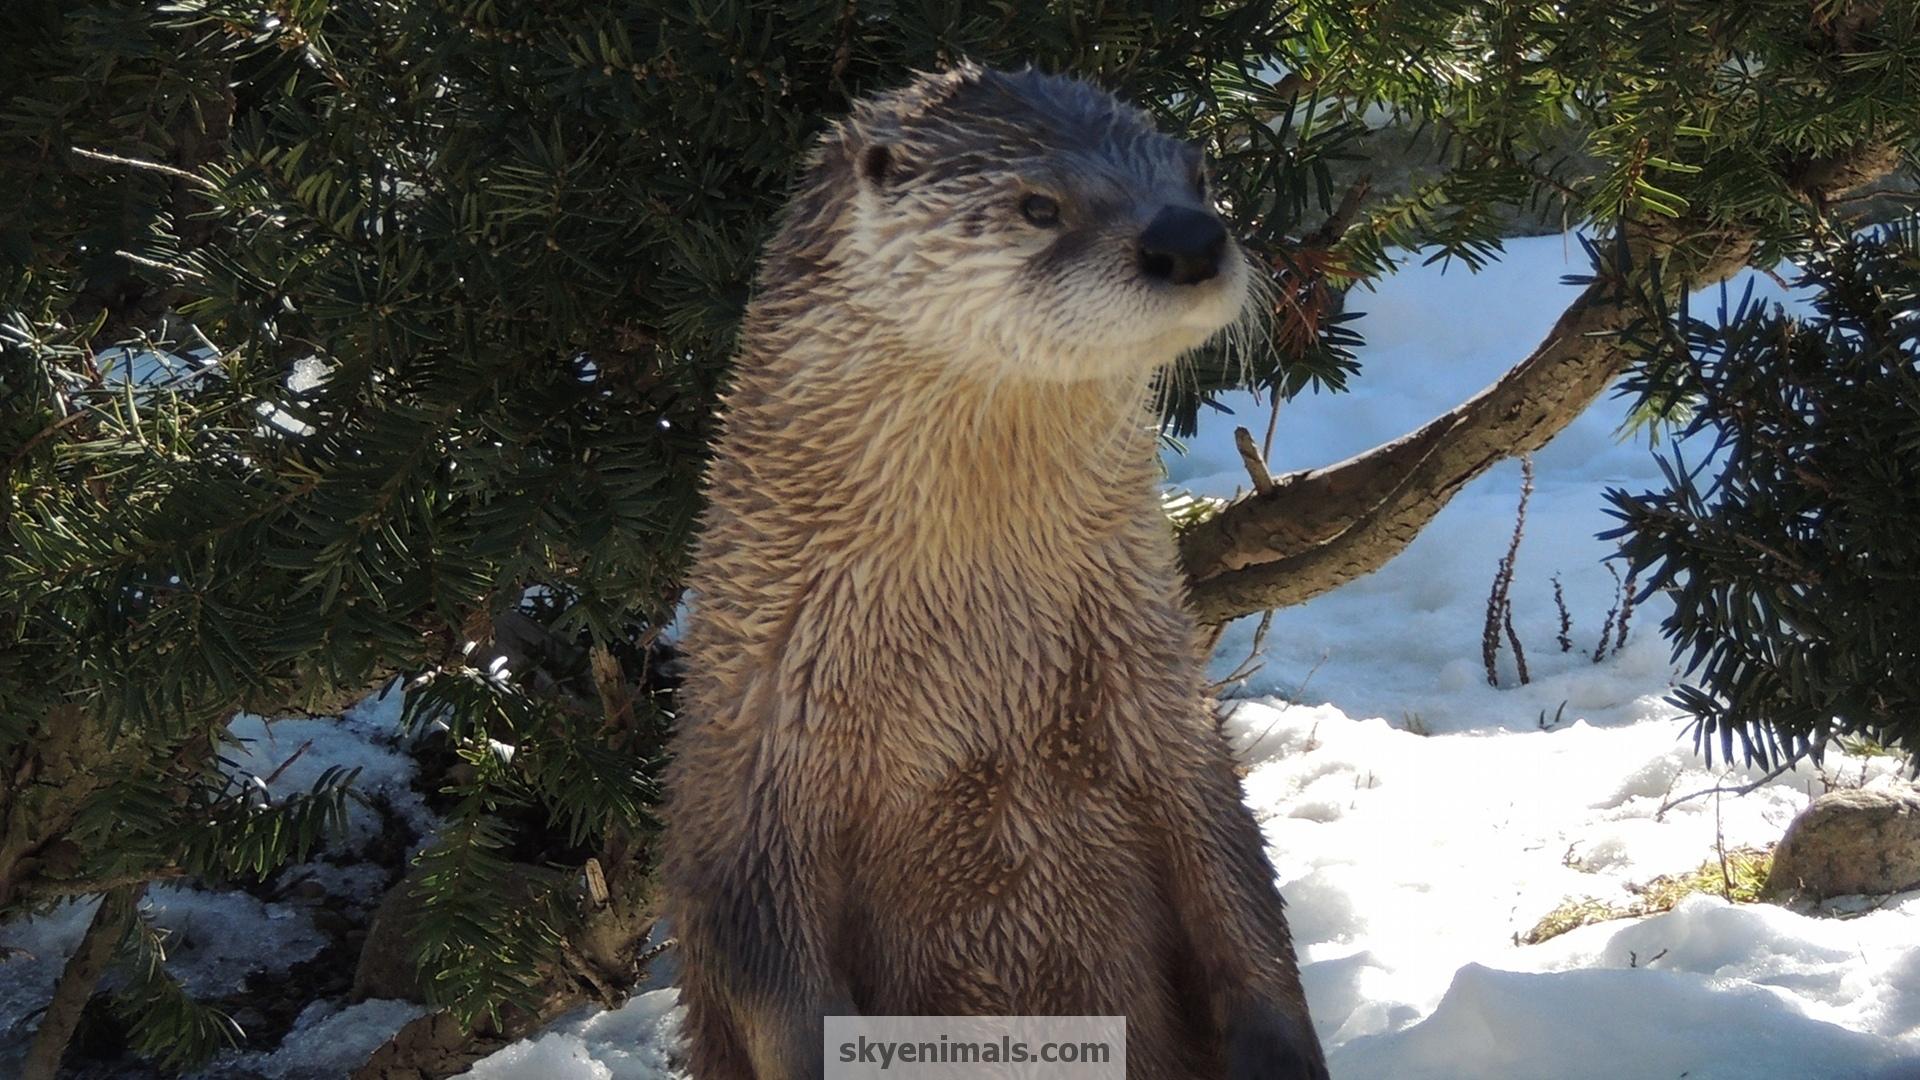 Cute Otter wallpaper   838171 1920x1080